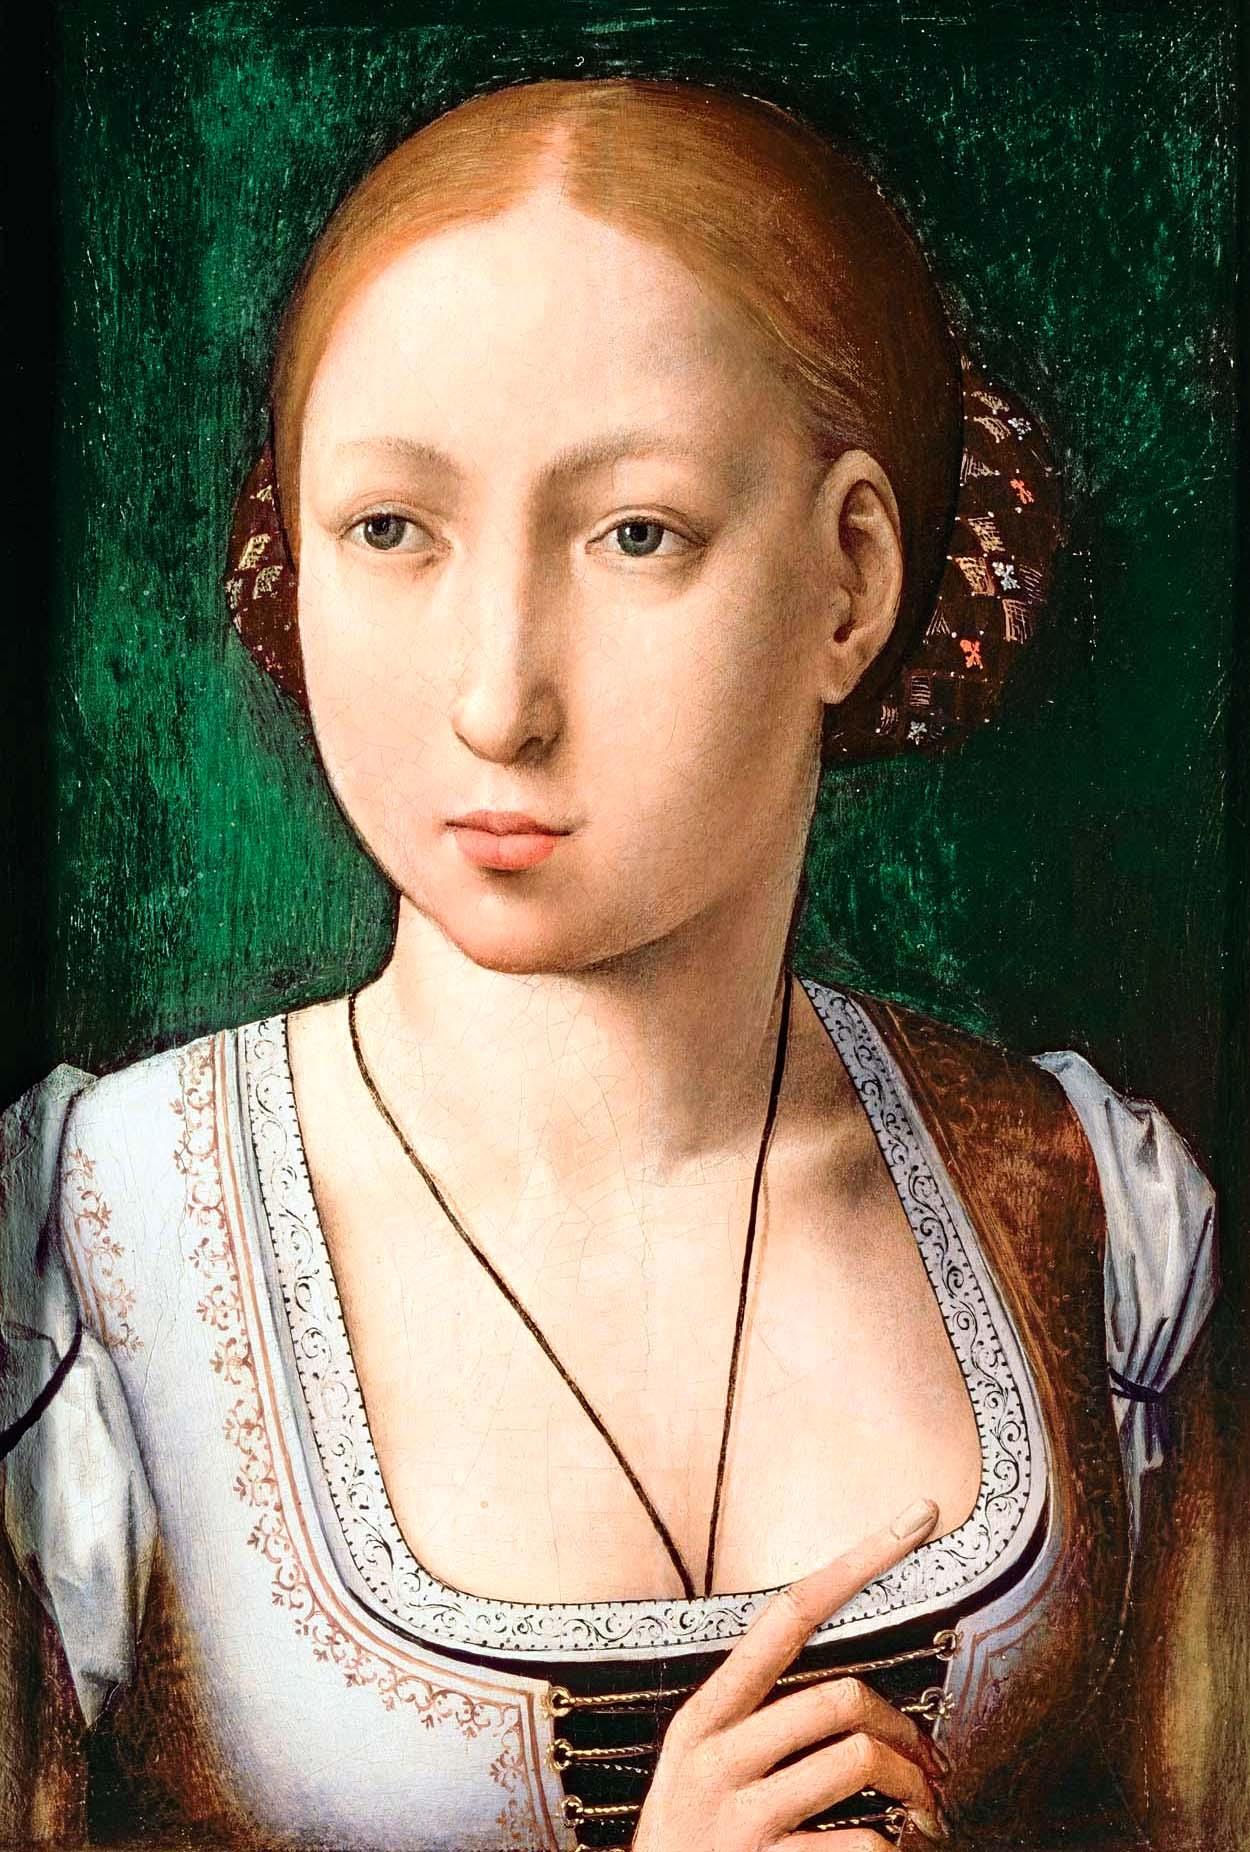 Giovanna la pazza-2-800x400